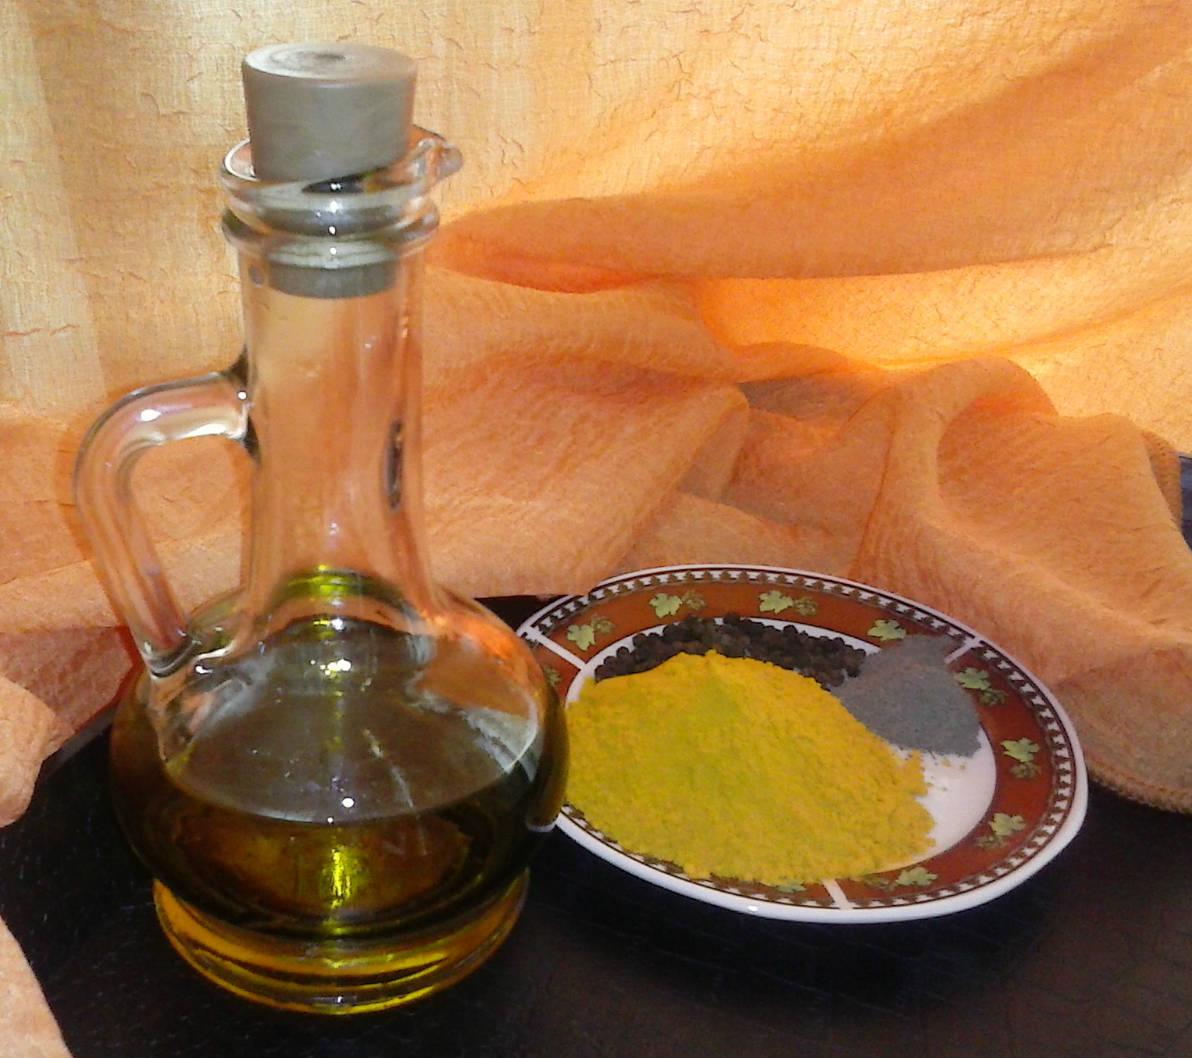 gurkmeja svartpeppar olja